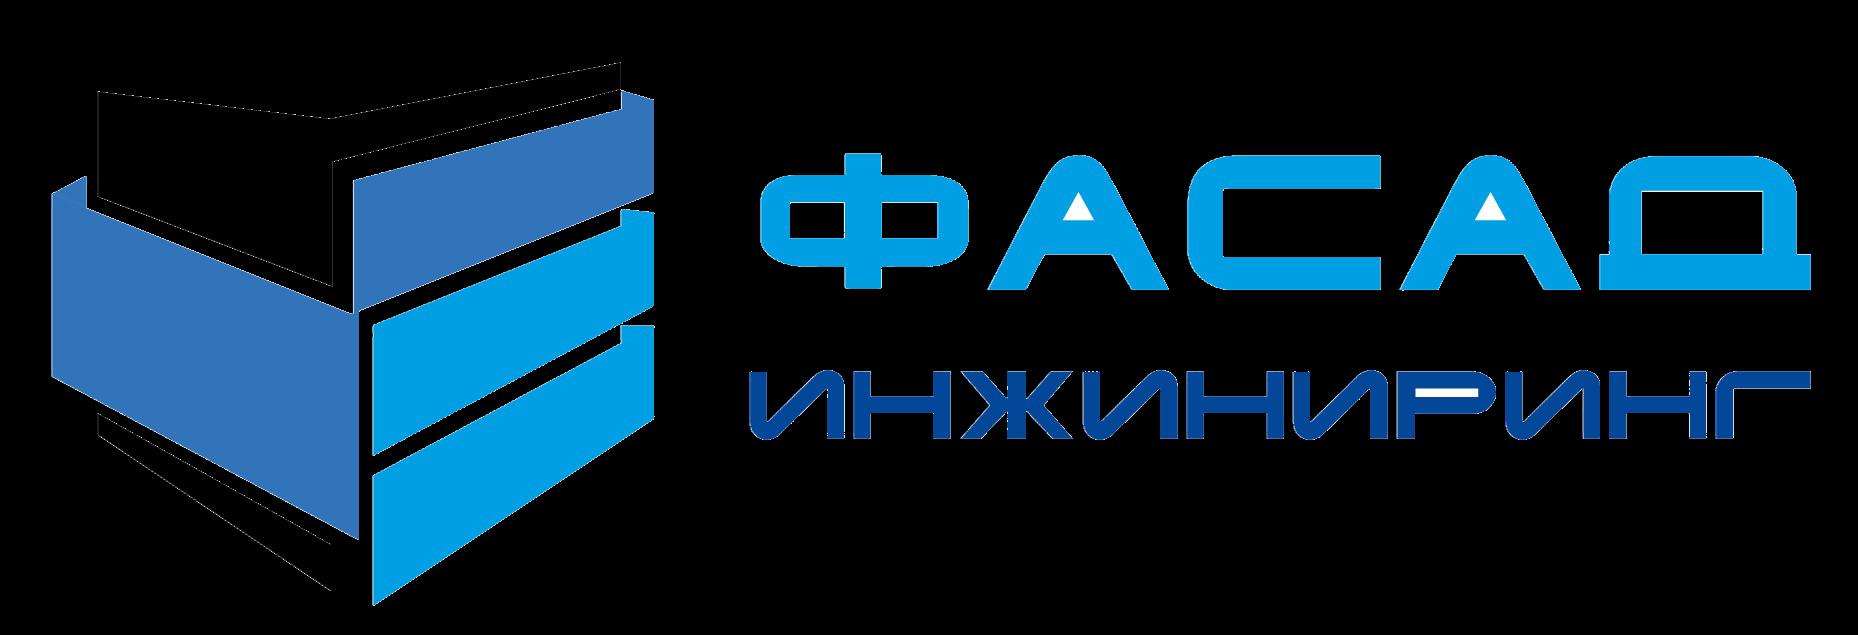 Фасад Инжиниринг в Москве